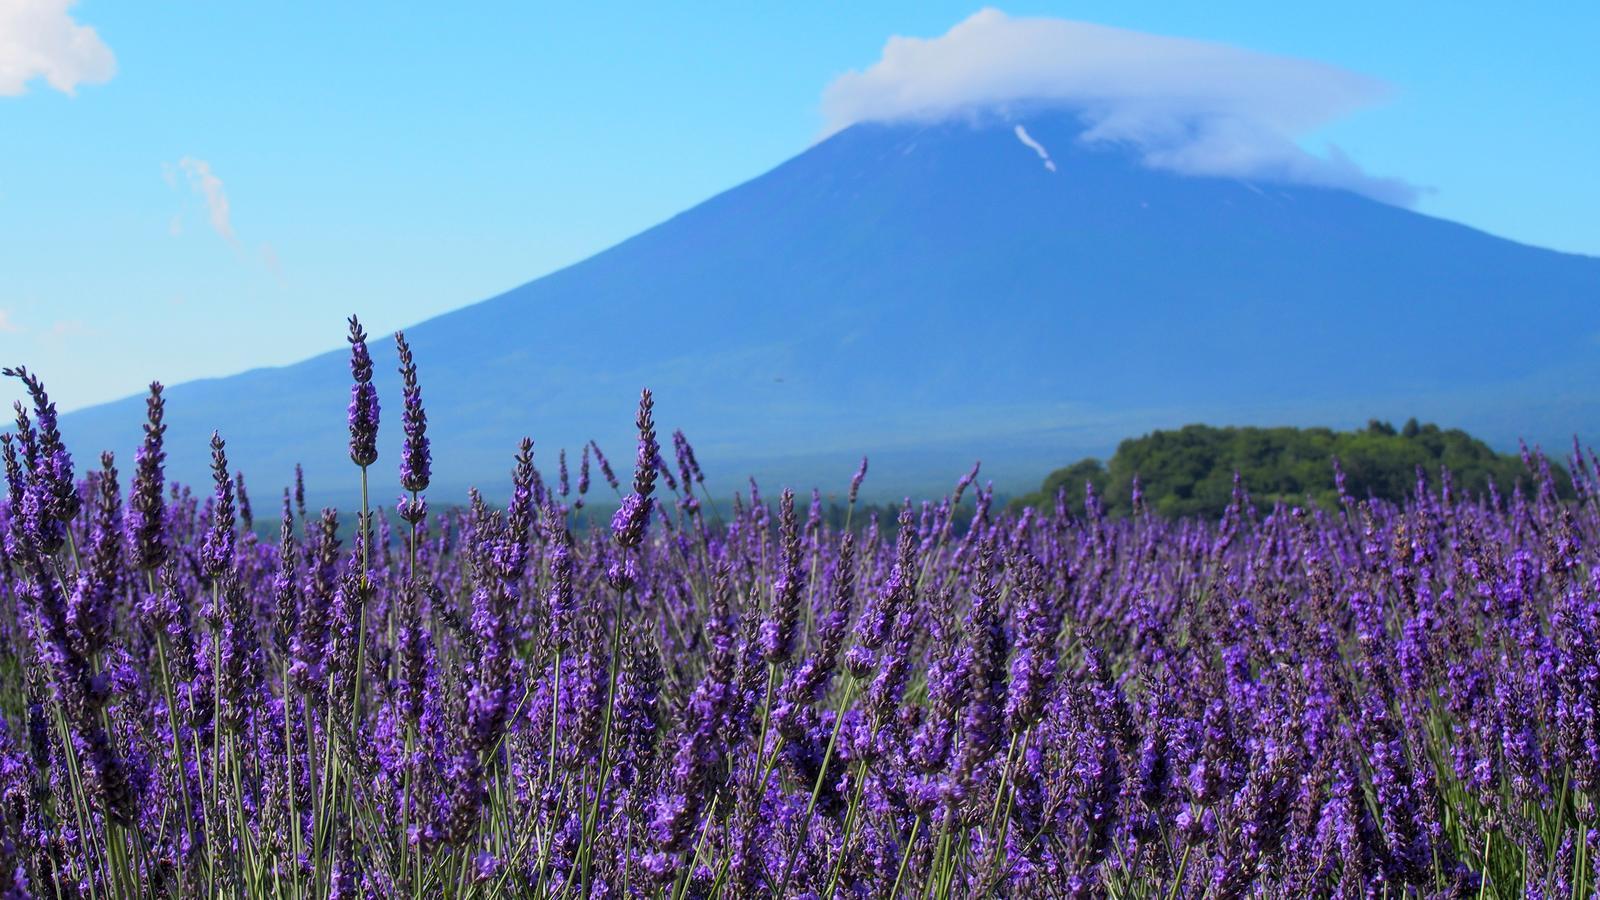 Mount Fuji Besteigung Japan Abenteuerreise in der Gruppe traveljunkies